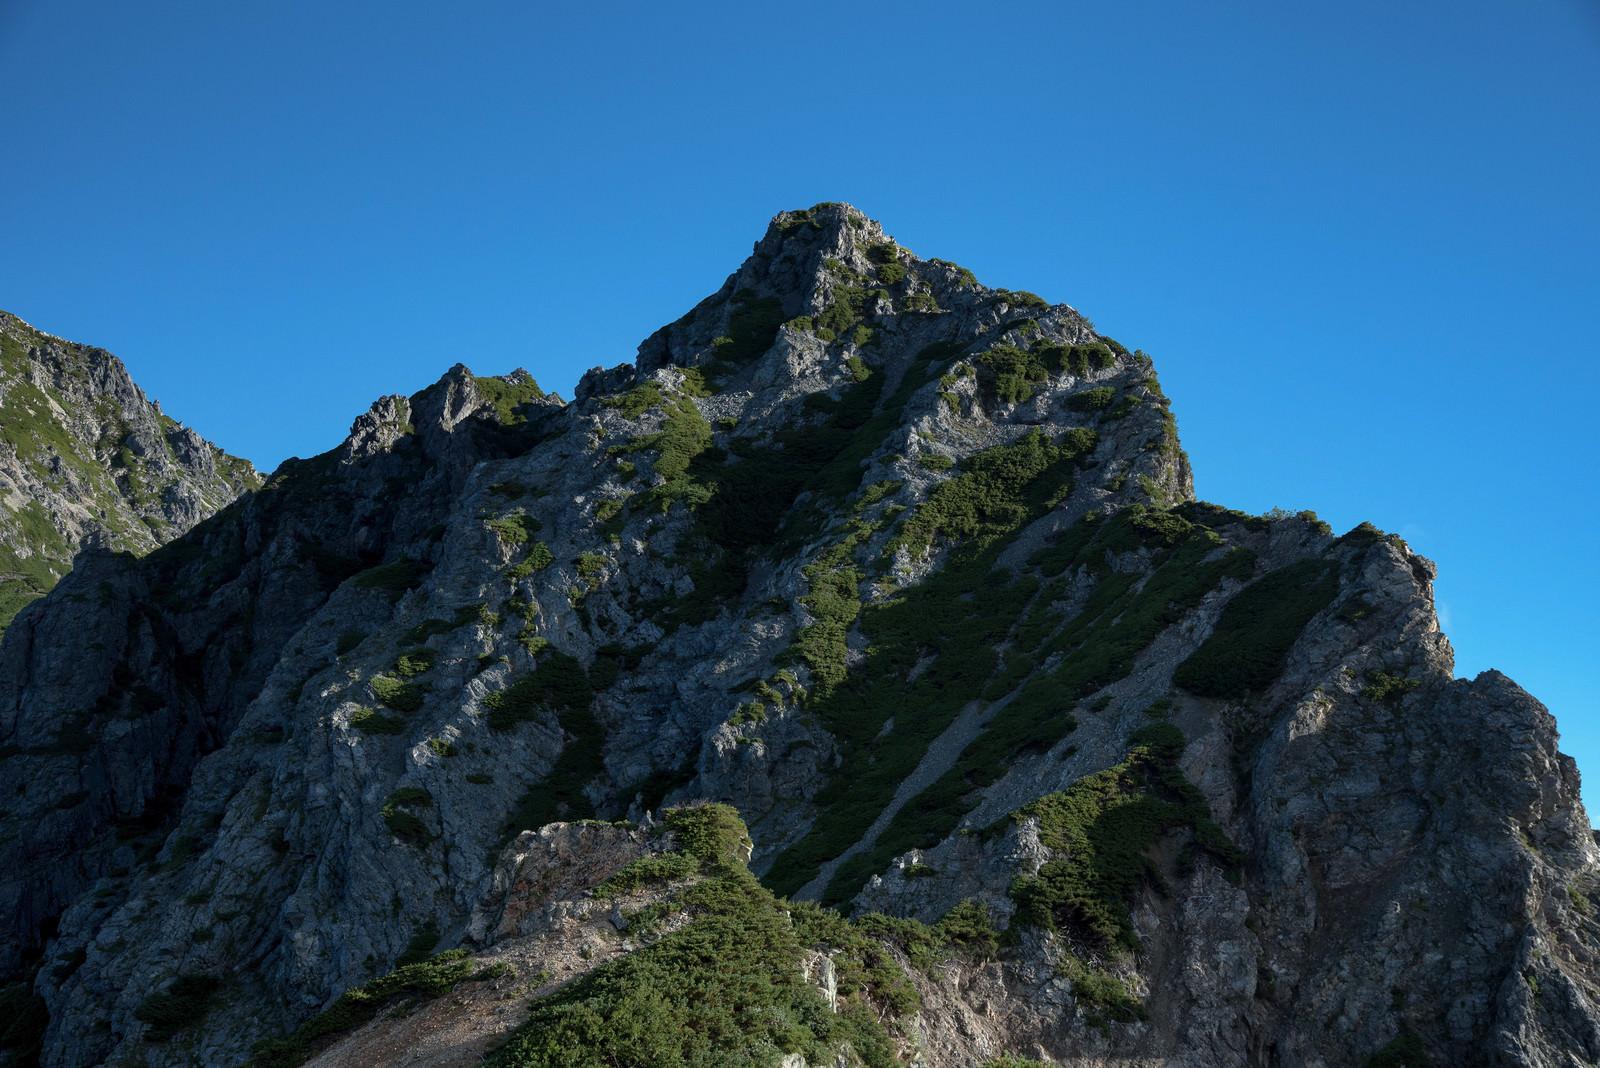 「雲一つない空と岩稜」の写真